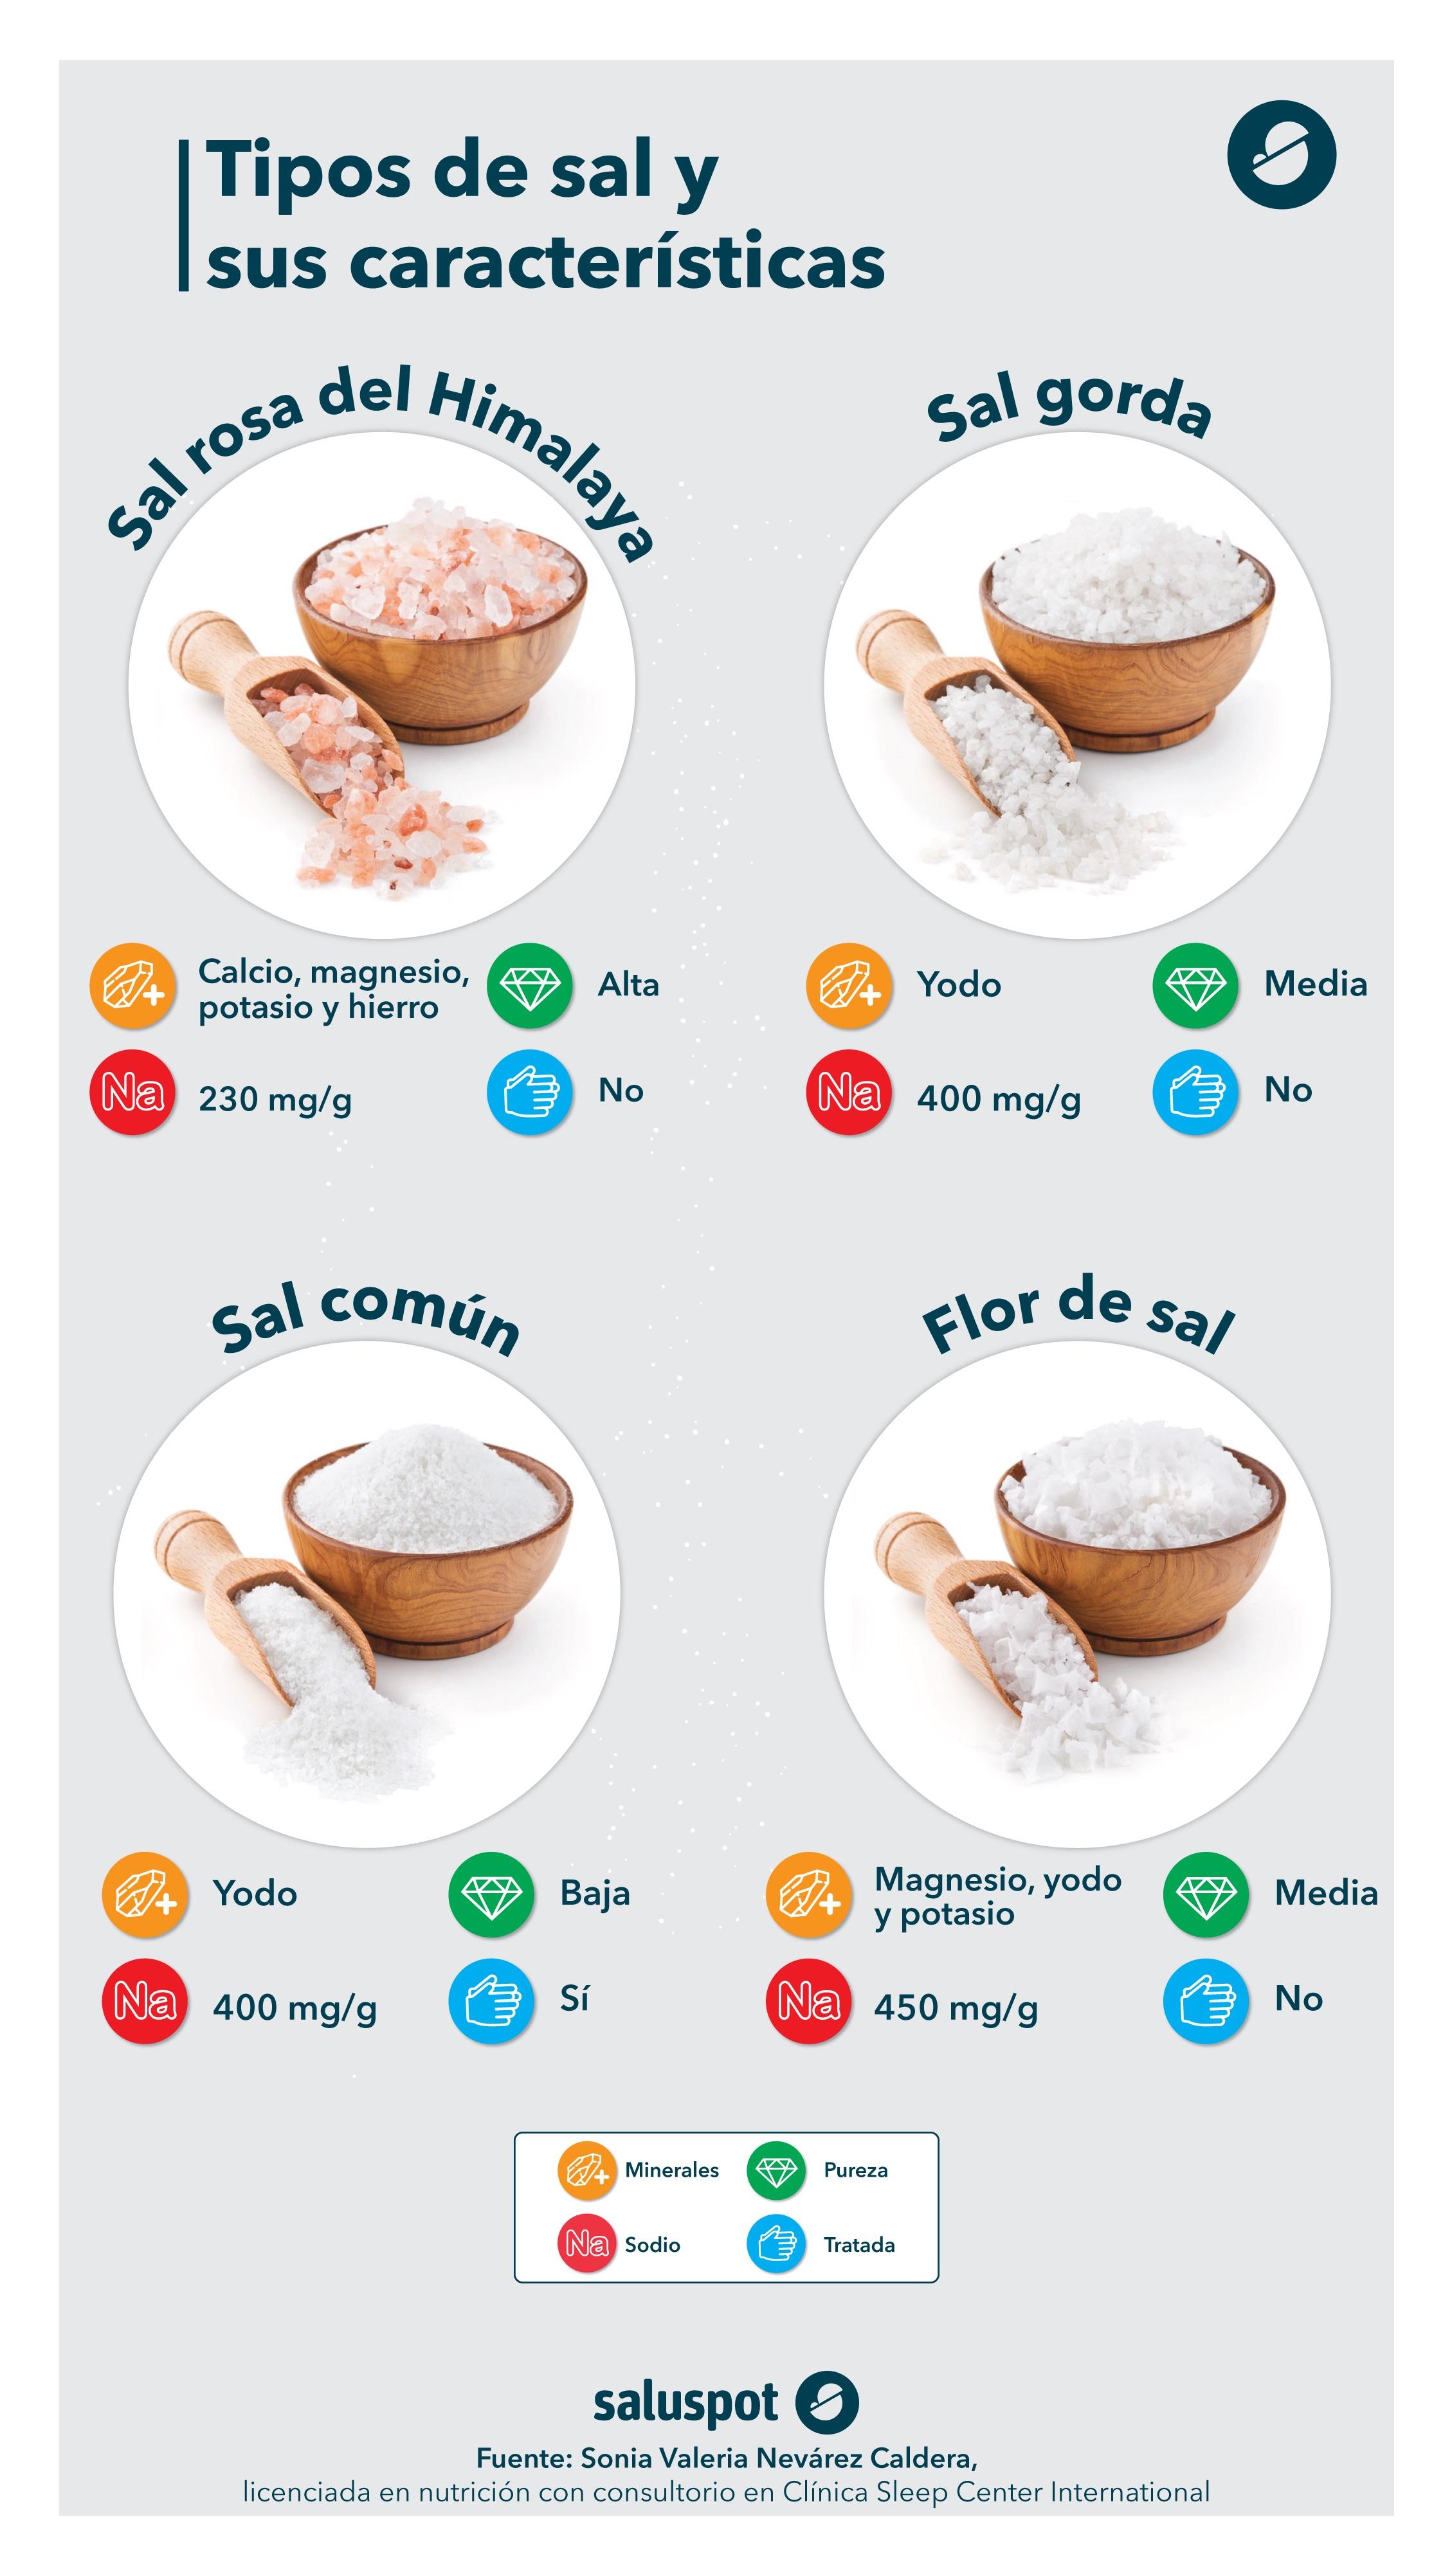 Tipos de sal y sus propiedades (Saluspot)